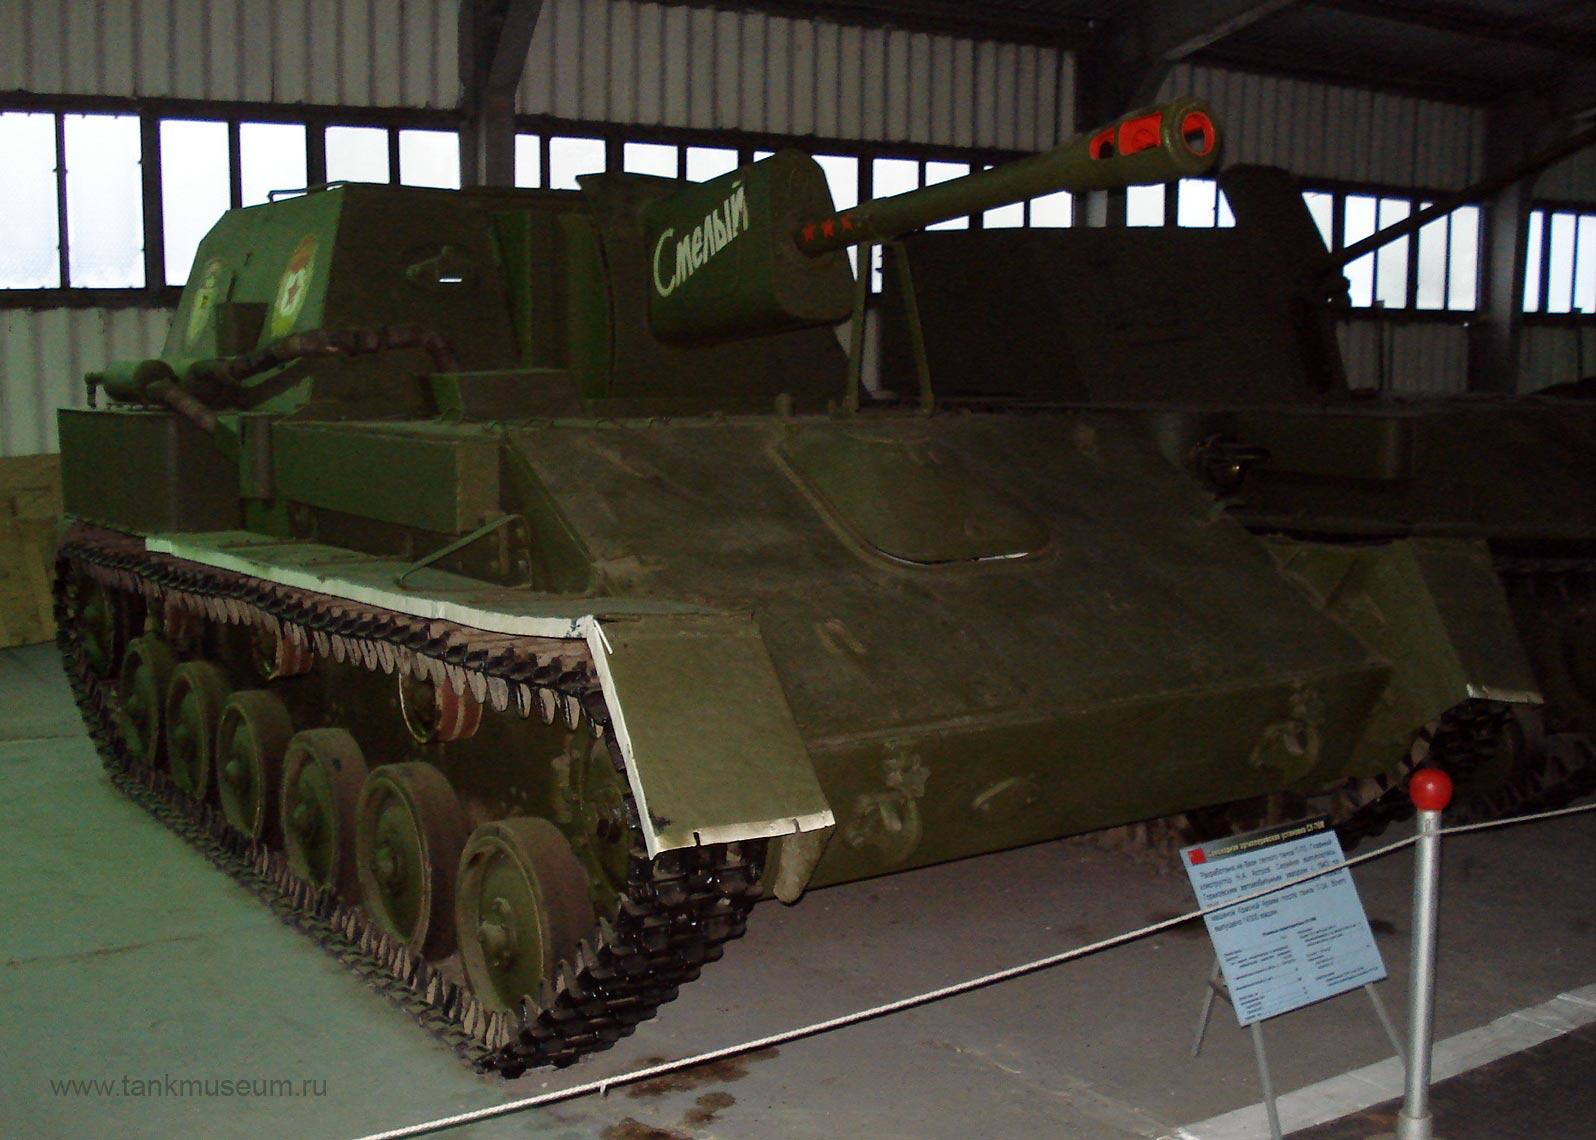 Советская легкая самоходная установка СУ-76, танковый музей в Кубинке